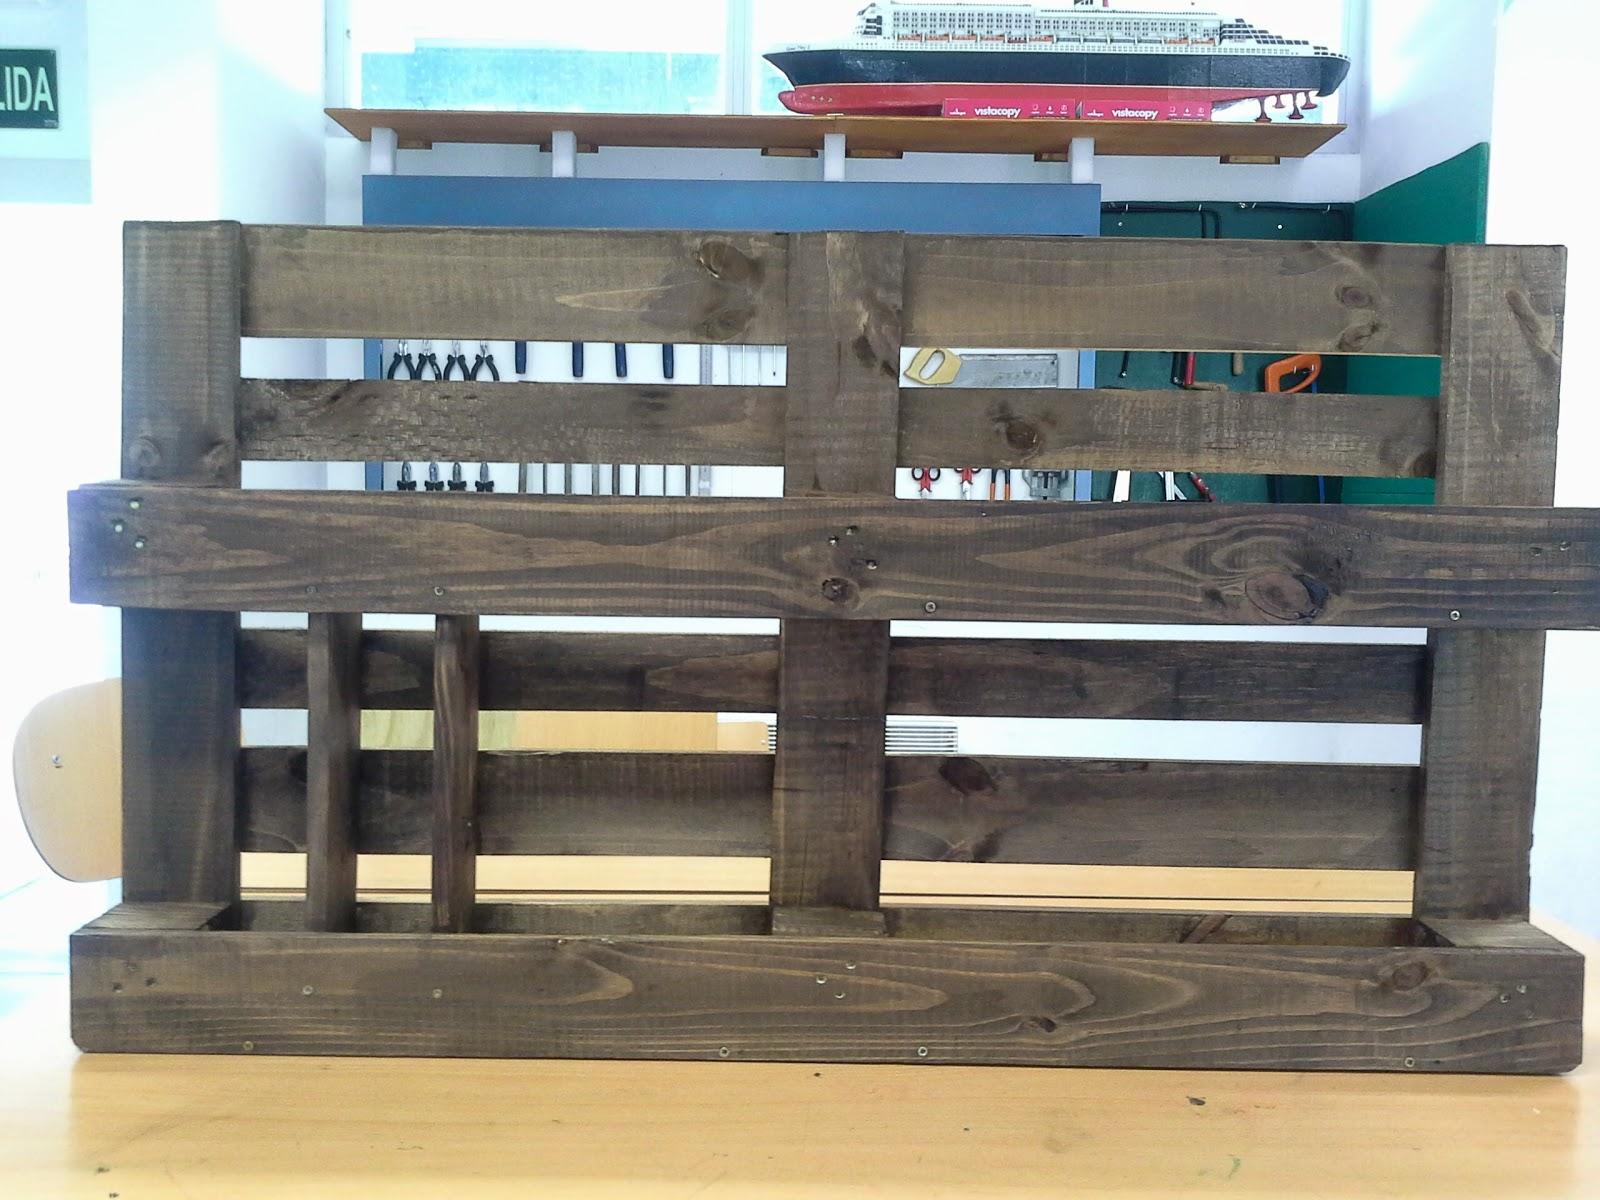 Mueble para organizar maderas en el aula de Tecnologa